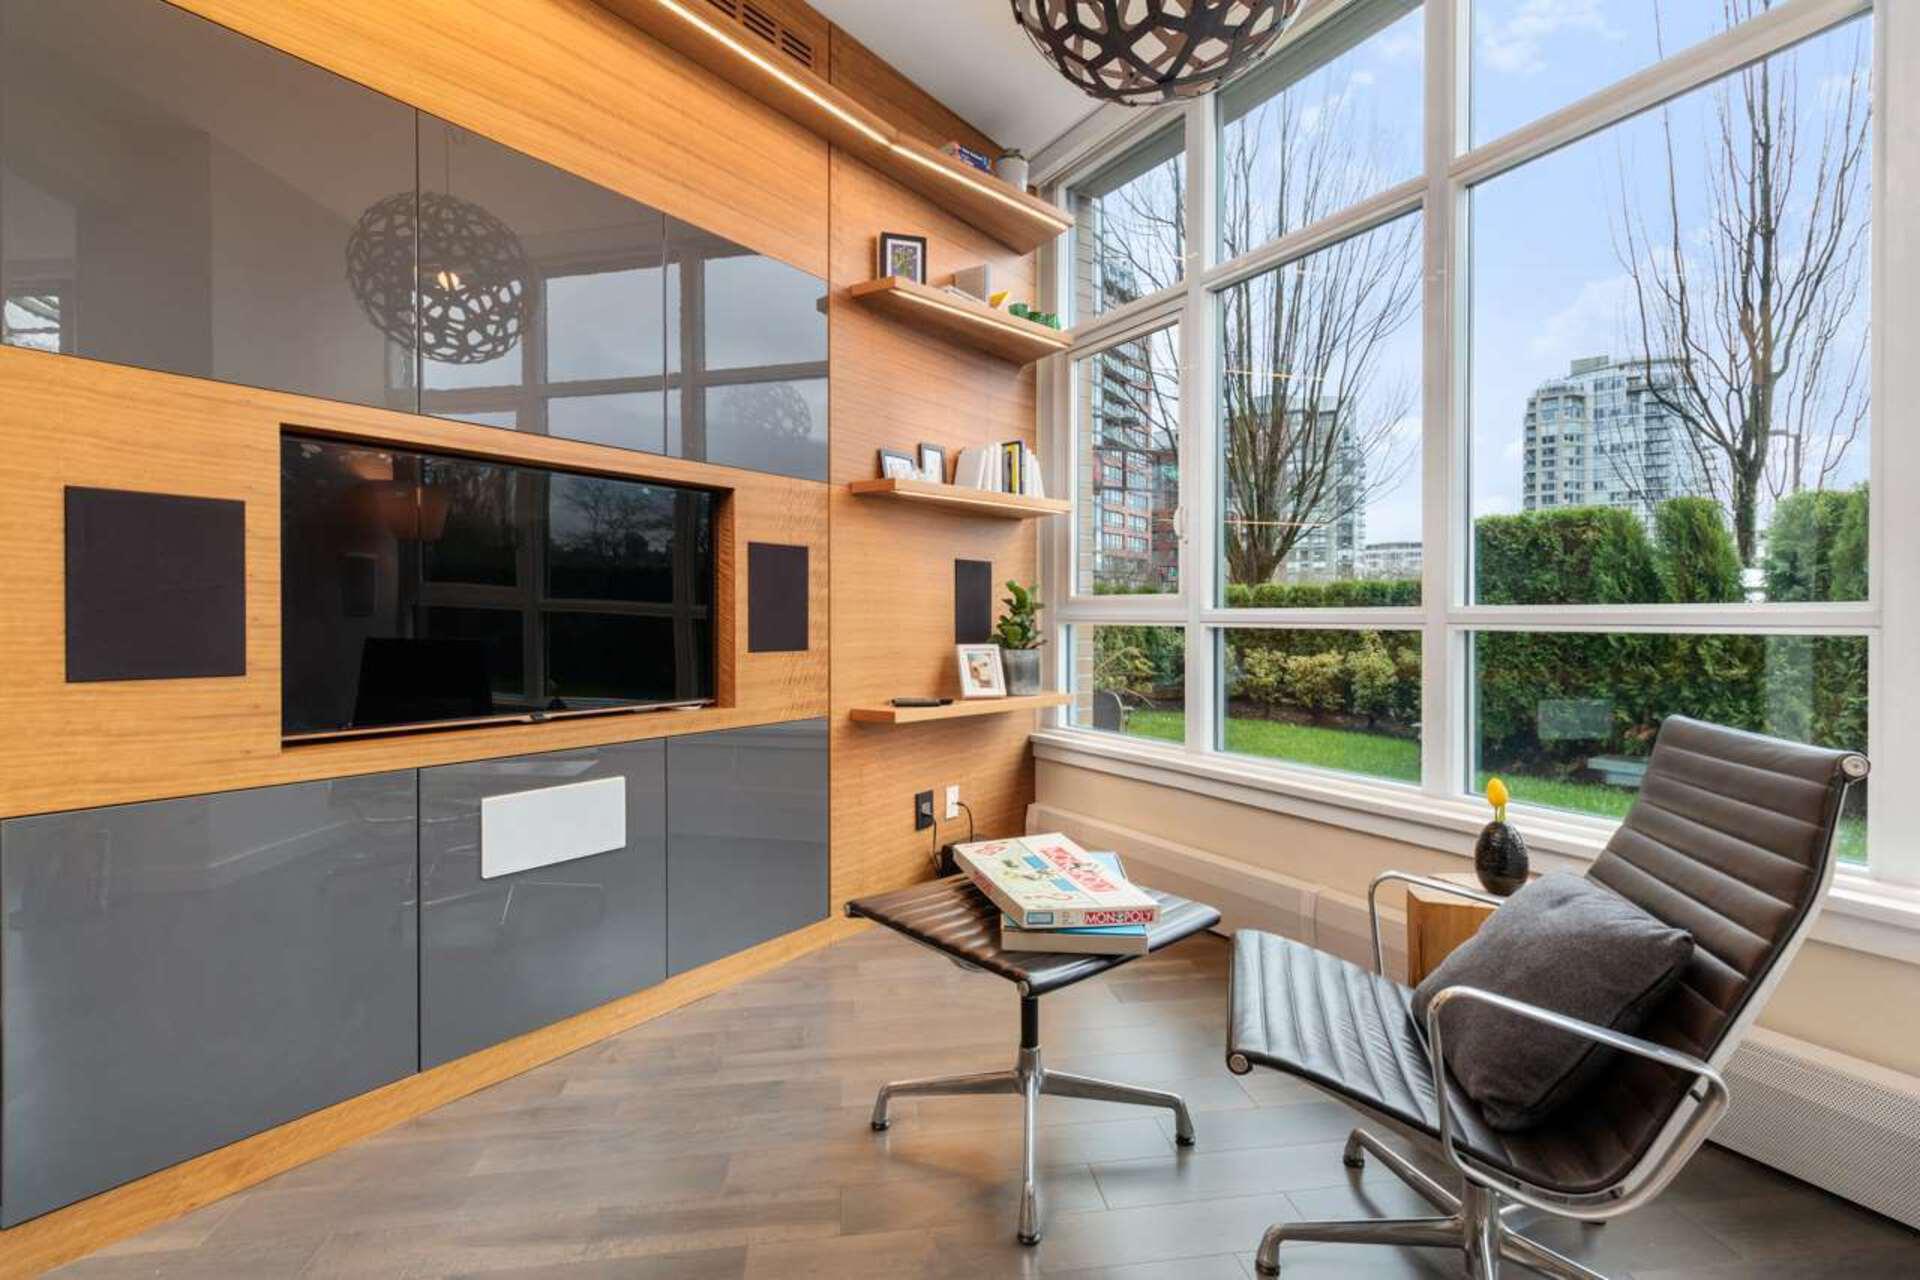 388-drake-street-yaletown-vancouver-west-03 at 103 - 388 Drake Street, Yaletown, Vancouver West